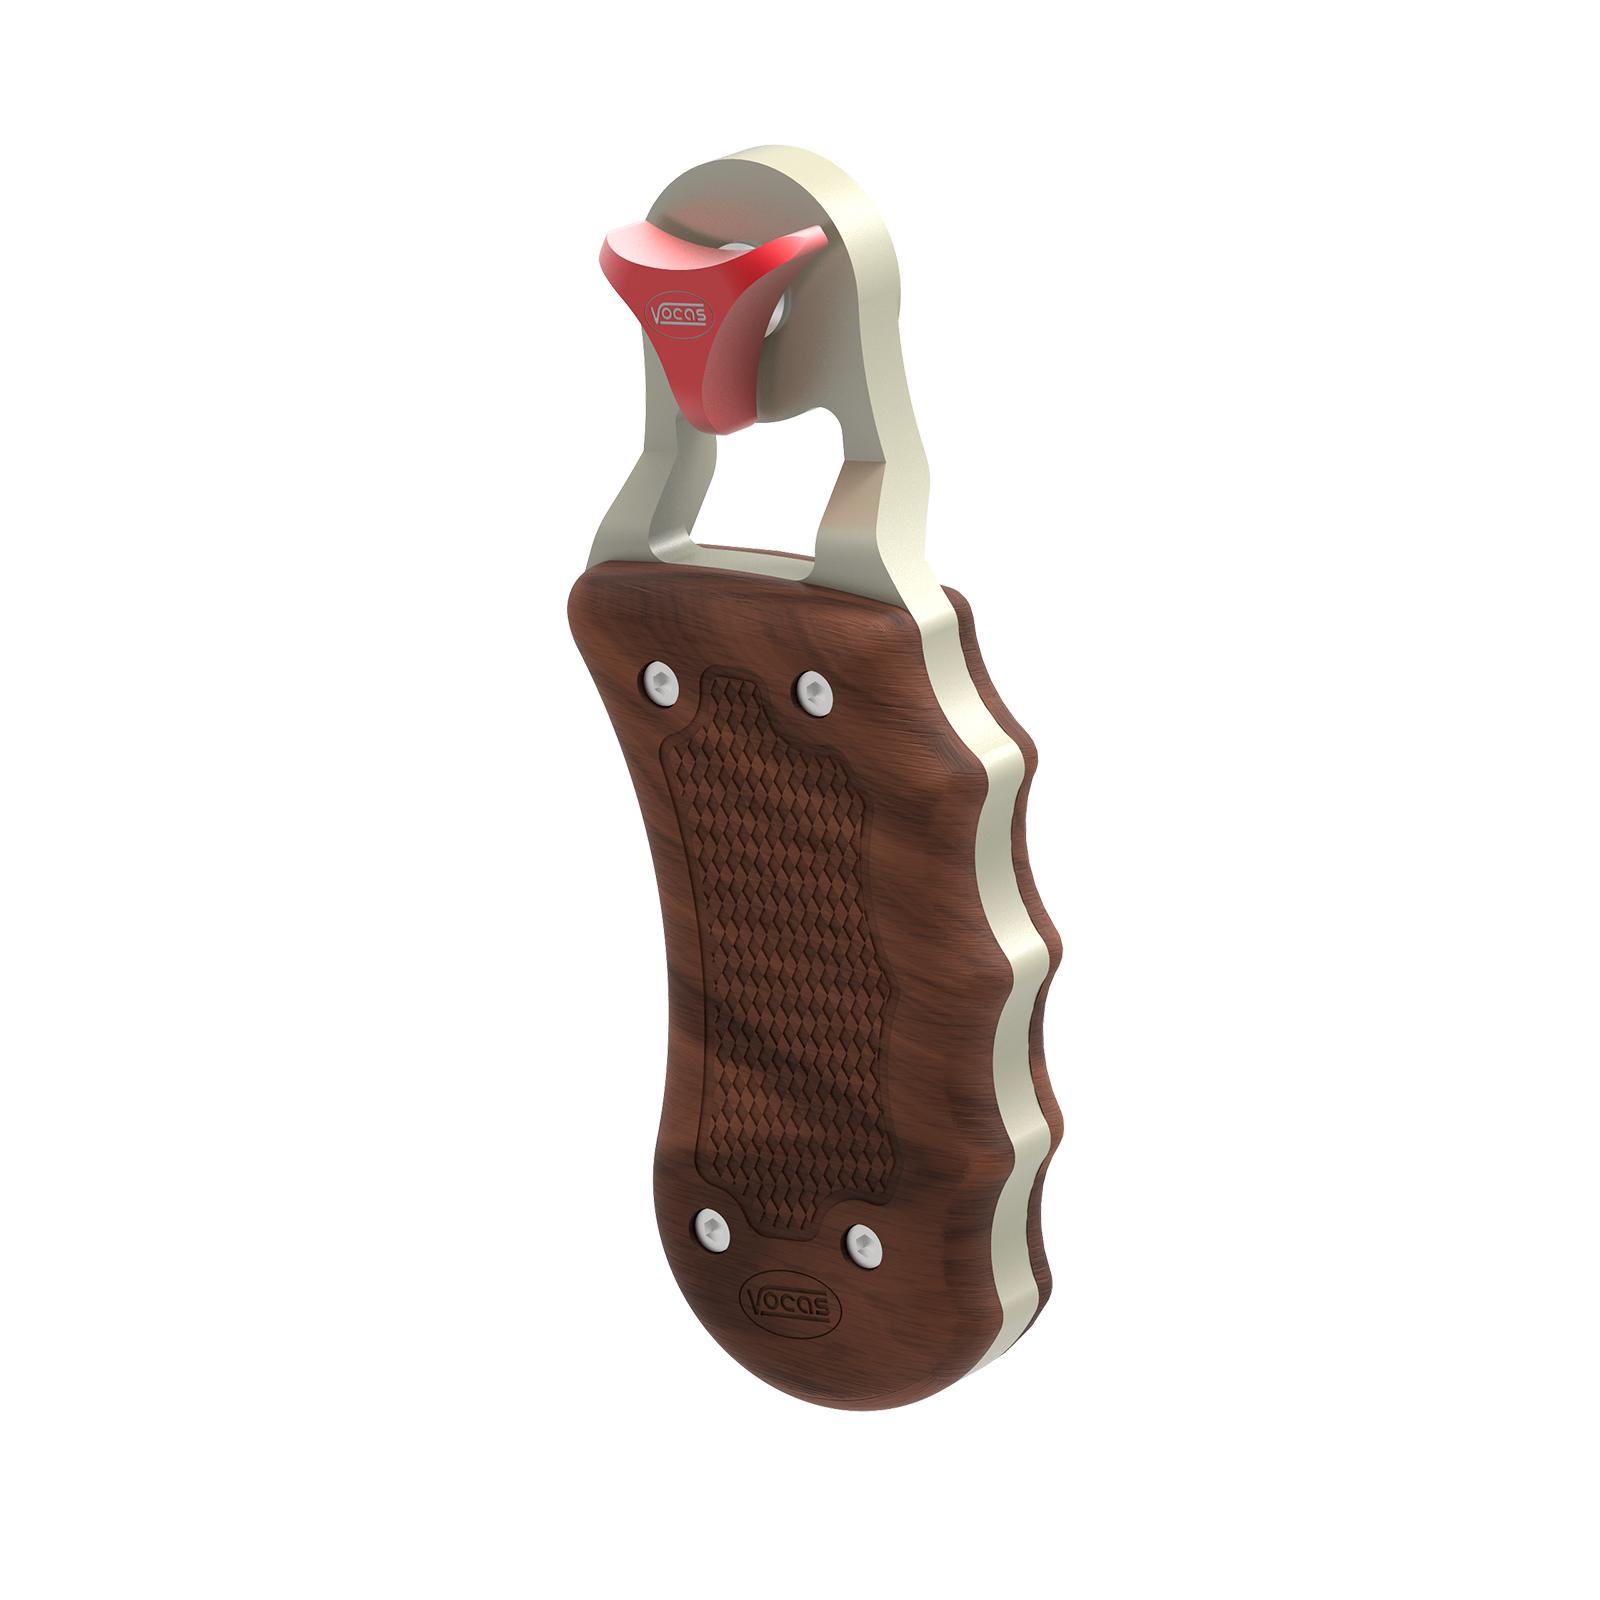 0830-0032: スパイダー・木製ハンドグリップ